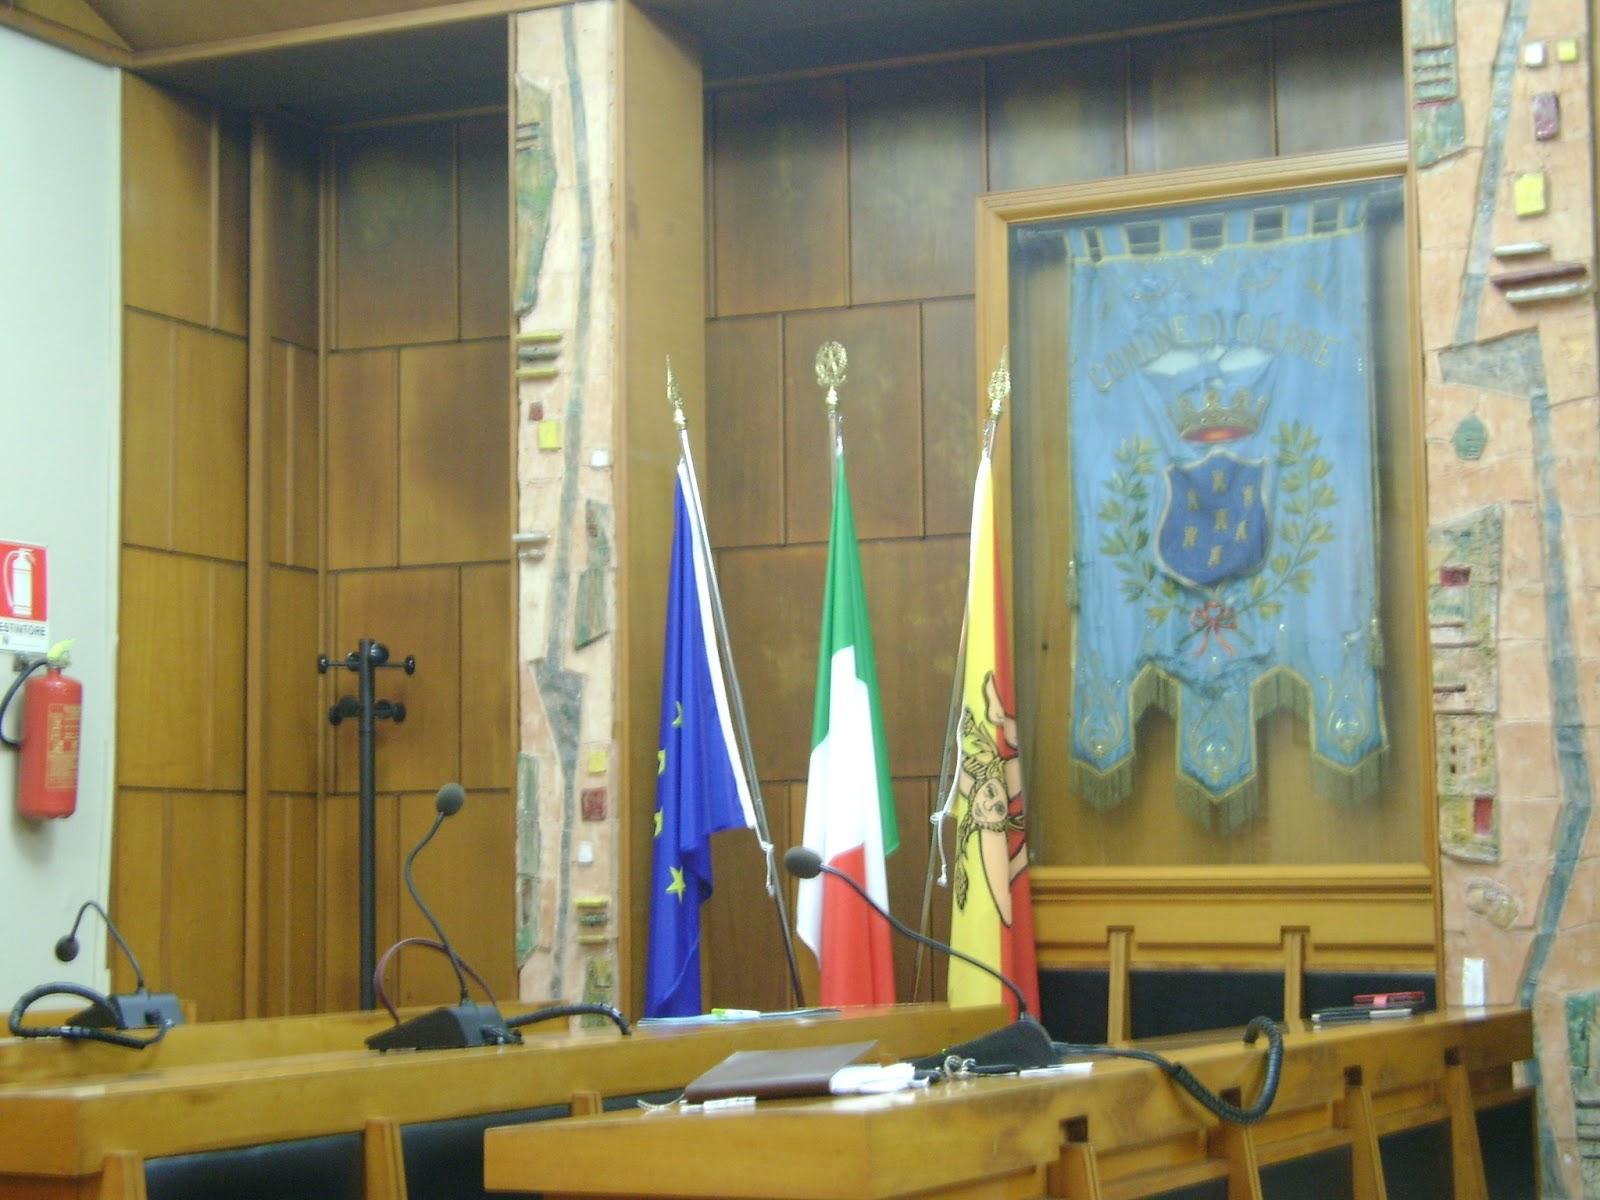 Per i Comuni siciliani senza Bilancio 2016 (cioè quasi per tutti) è scaduto pure l'esercizio provvisorio